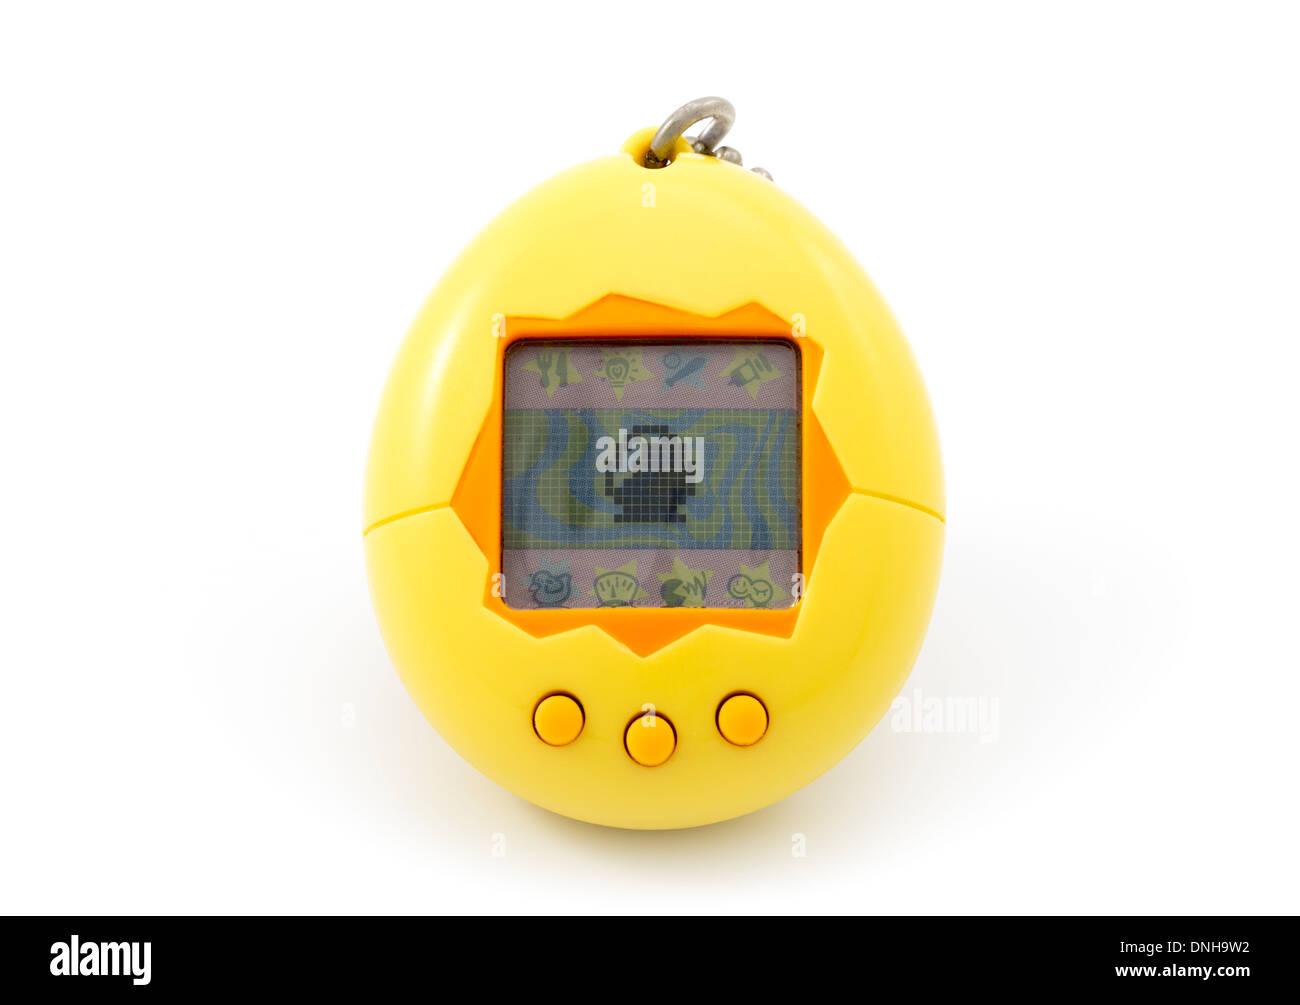 Ursprünglichen Tamagotchi ????? Spielzeug digitales Haustier aka Tamagotch von Bandai 1996 Stockbild